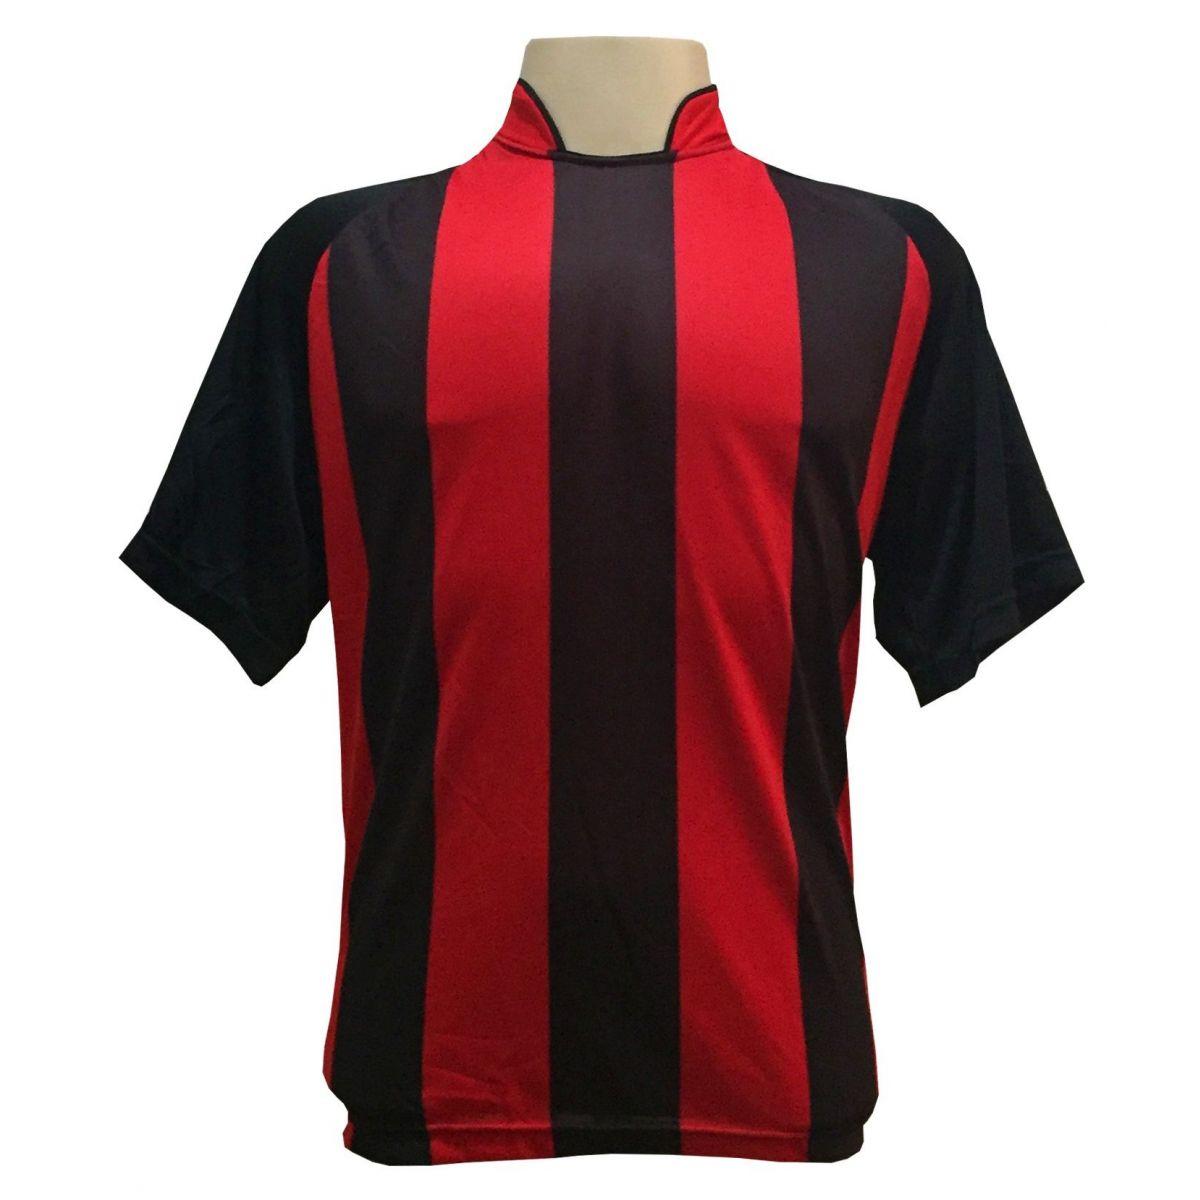 Fardamento Completo modelo Milan 18+1 (18 Camisas Preto/Vermelho + 18 Calções Madrid Preto + 18 Pares de Meiões Pretos + 1 Conjunto de Goleiro) + Brindes